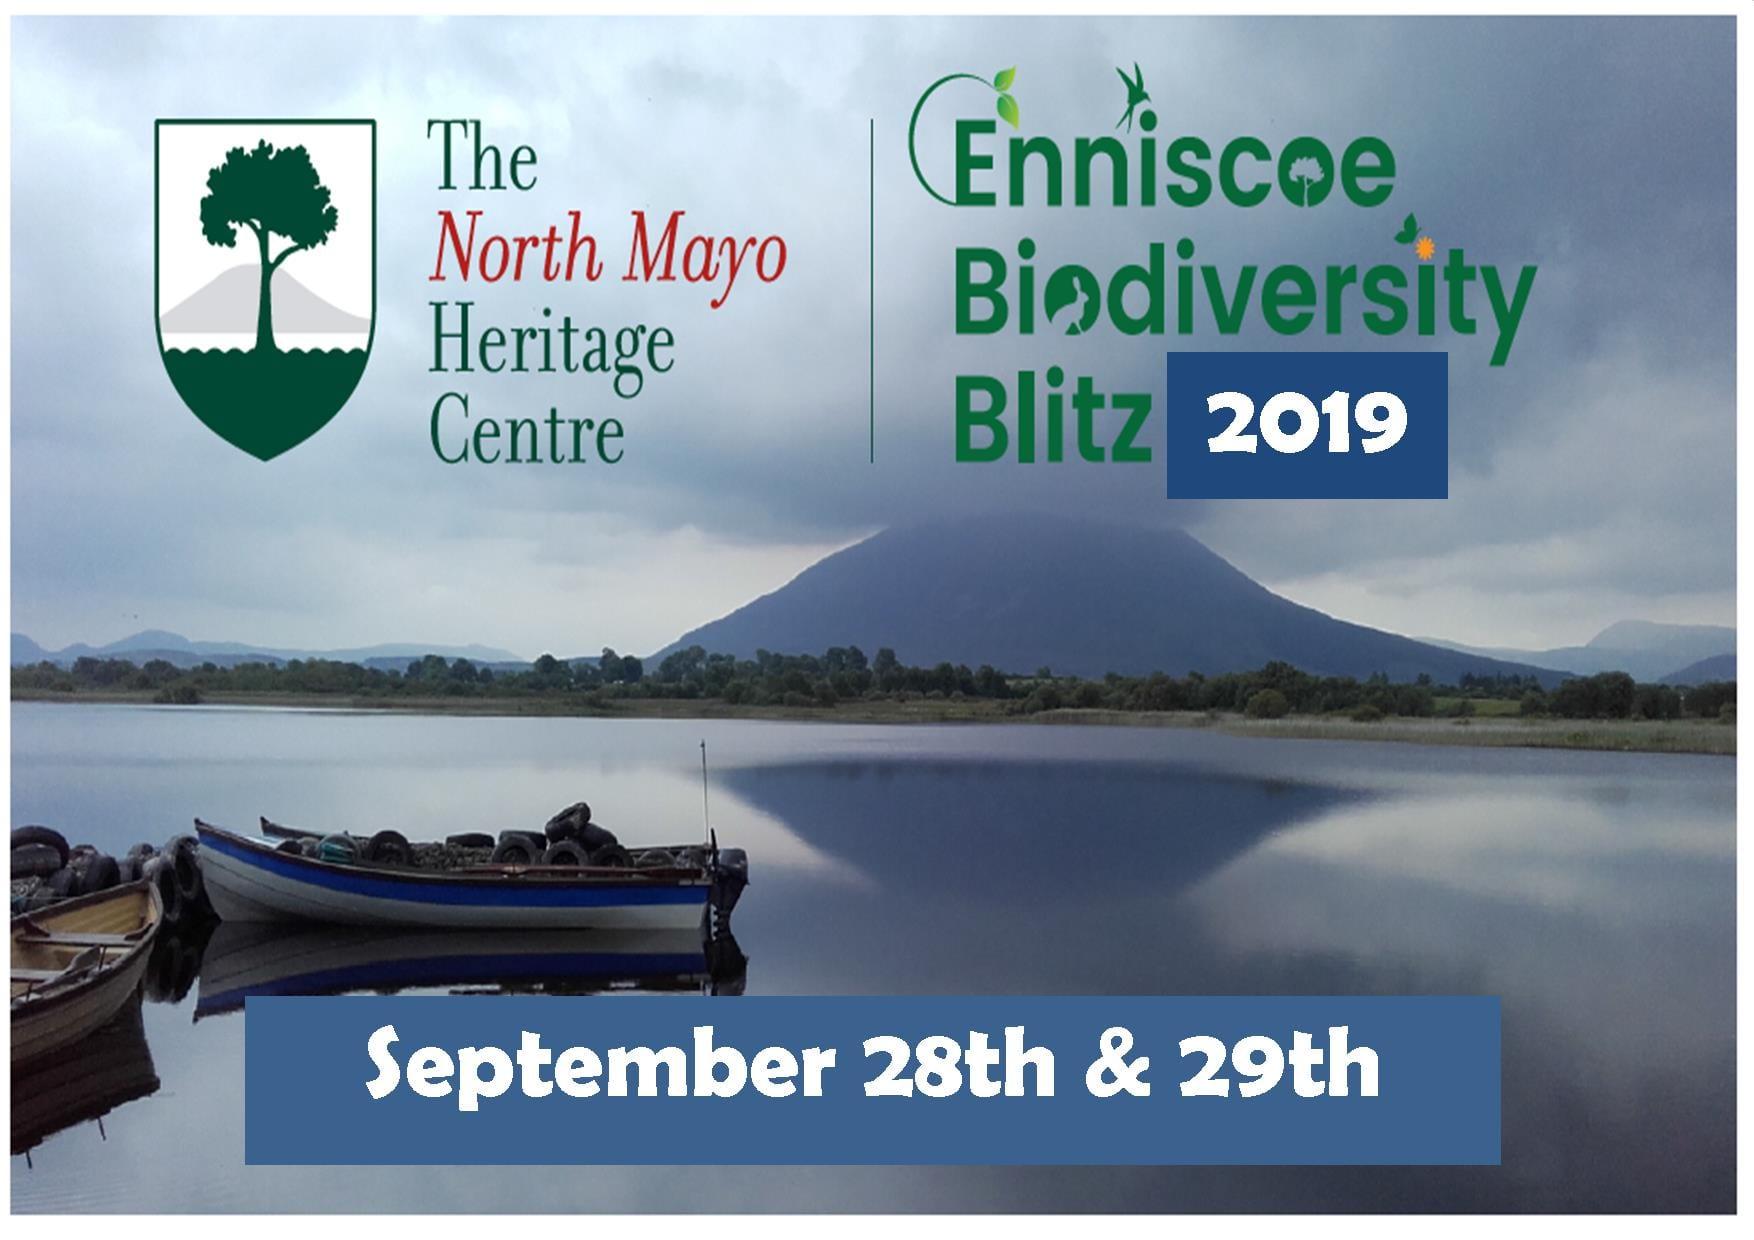 bio diversity 2019